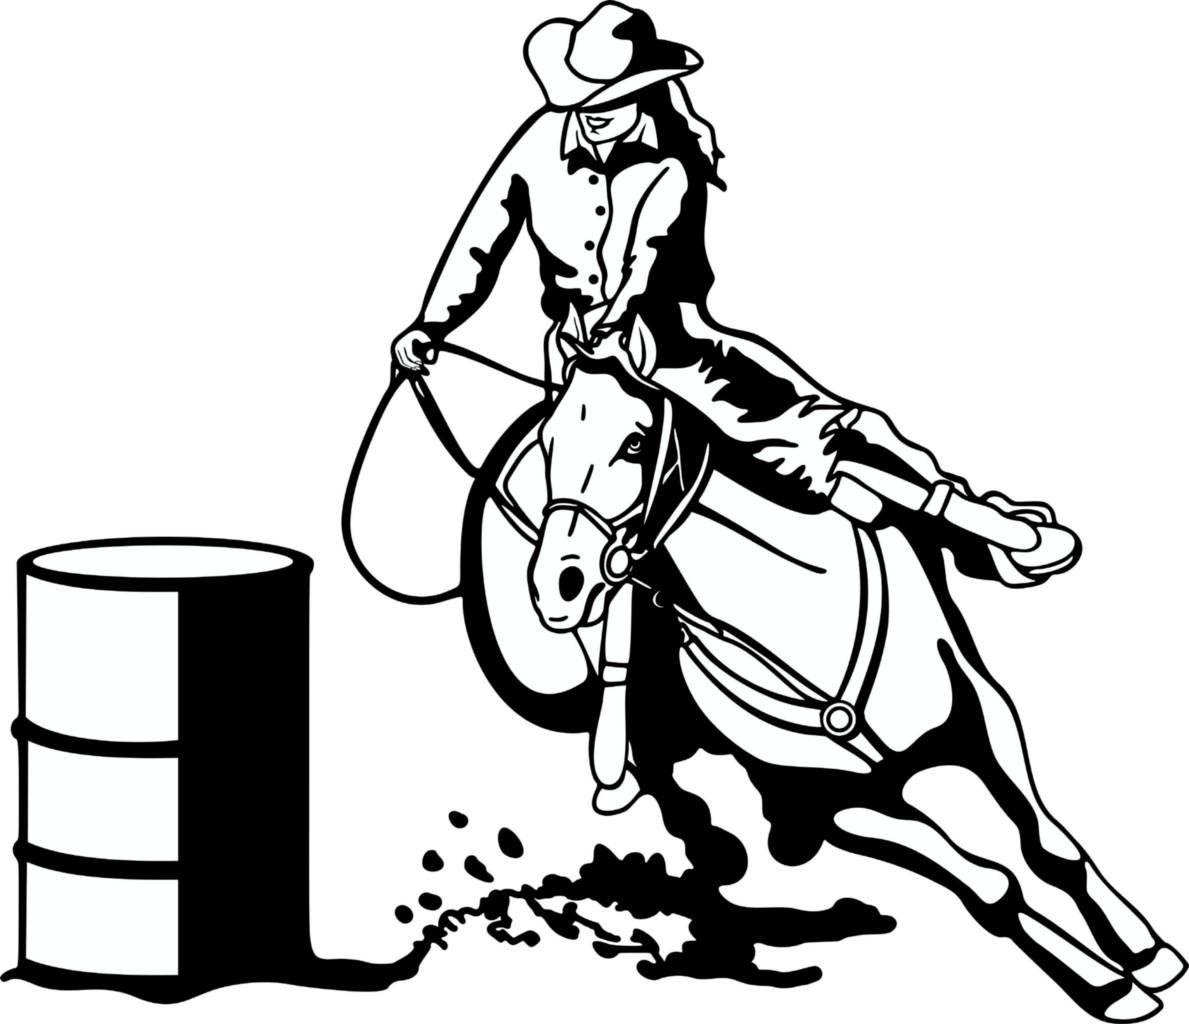 Barrel Racing Clipart